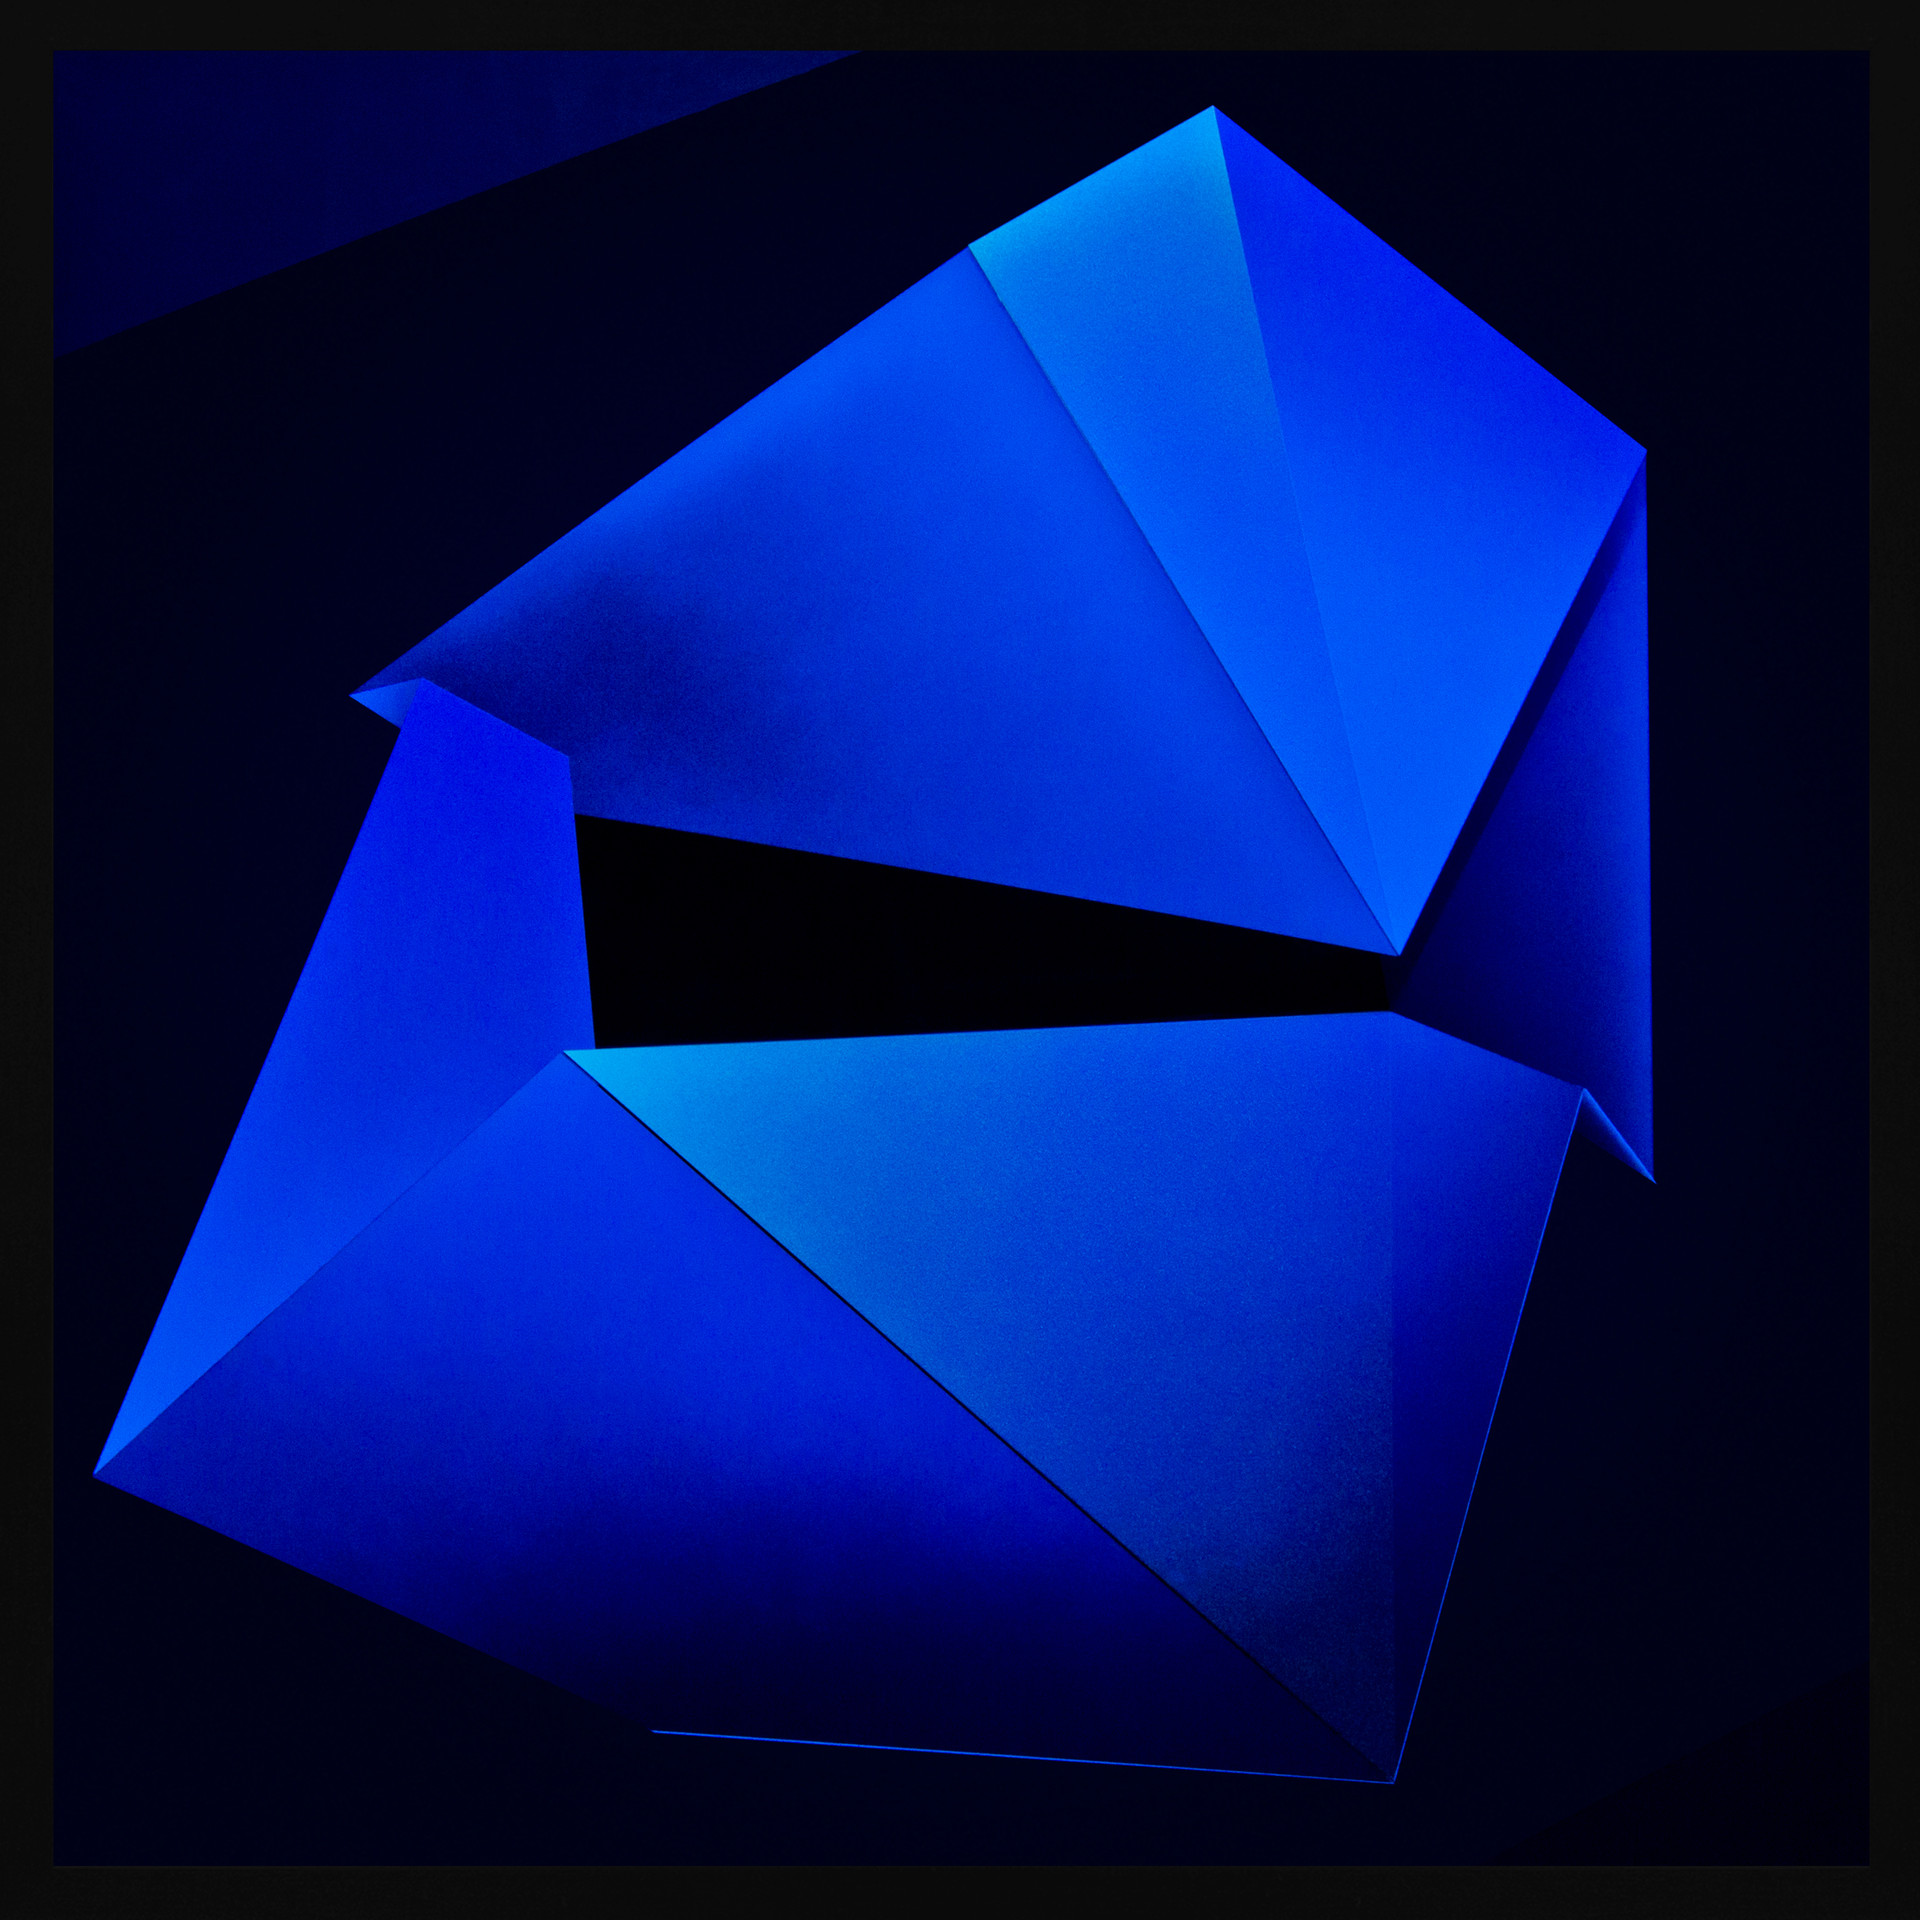 Zac-Koukoravas-Blue Moon-2017-acrylic and enamel on acrylic-103x103cm.